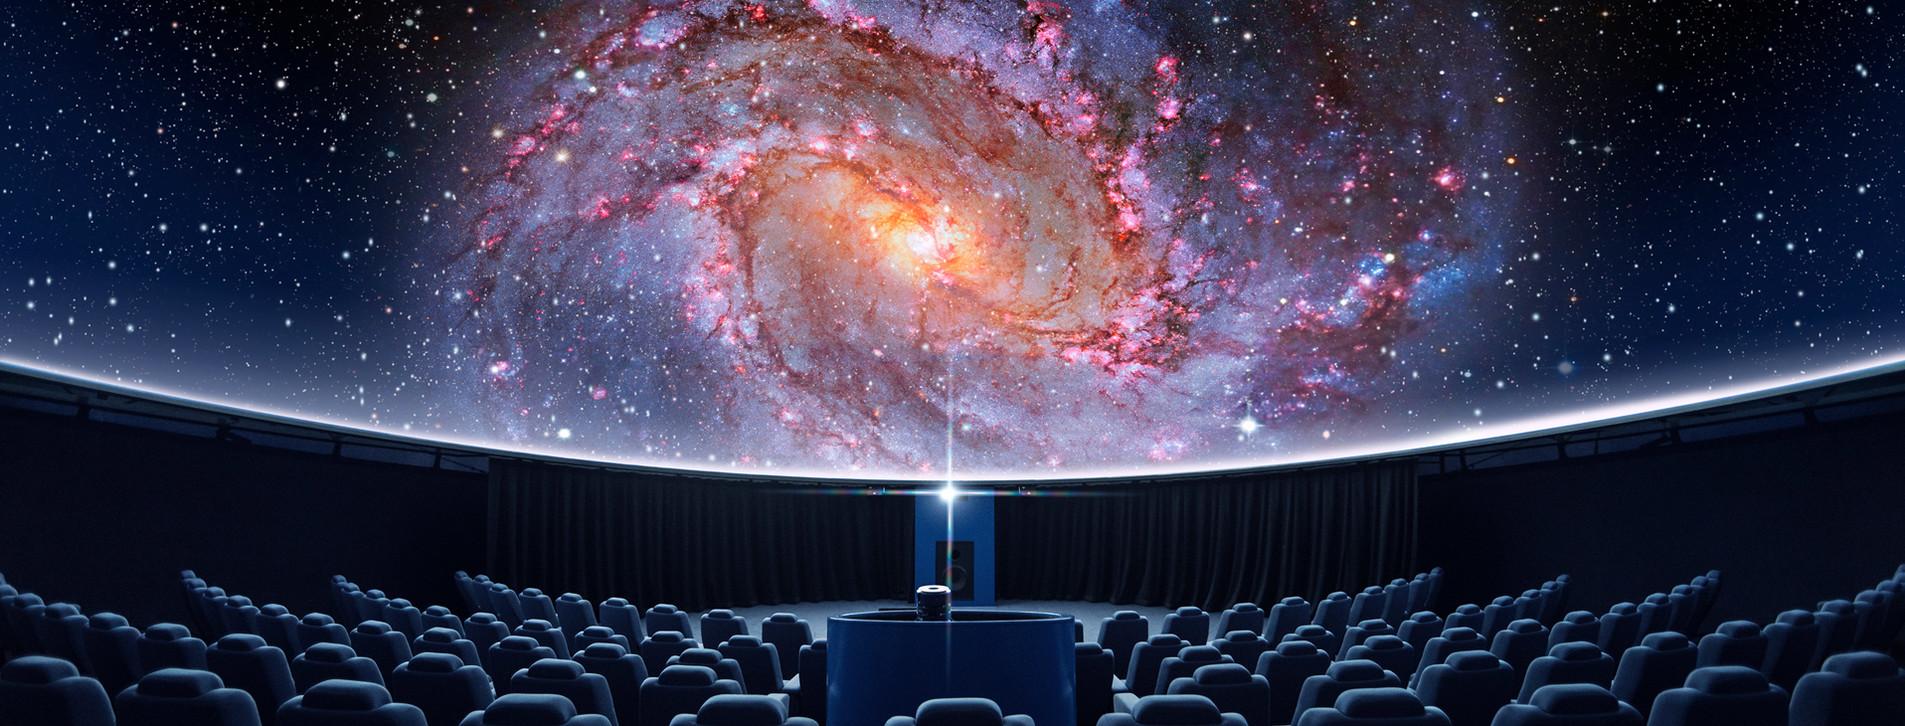 Фото - Сферический кинотеатр для компании